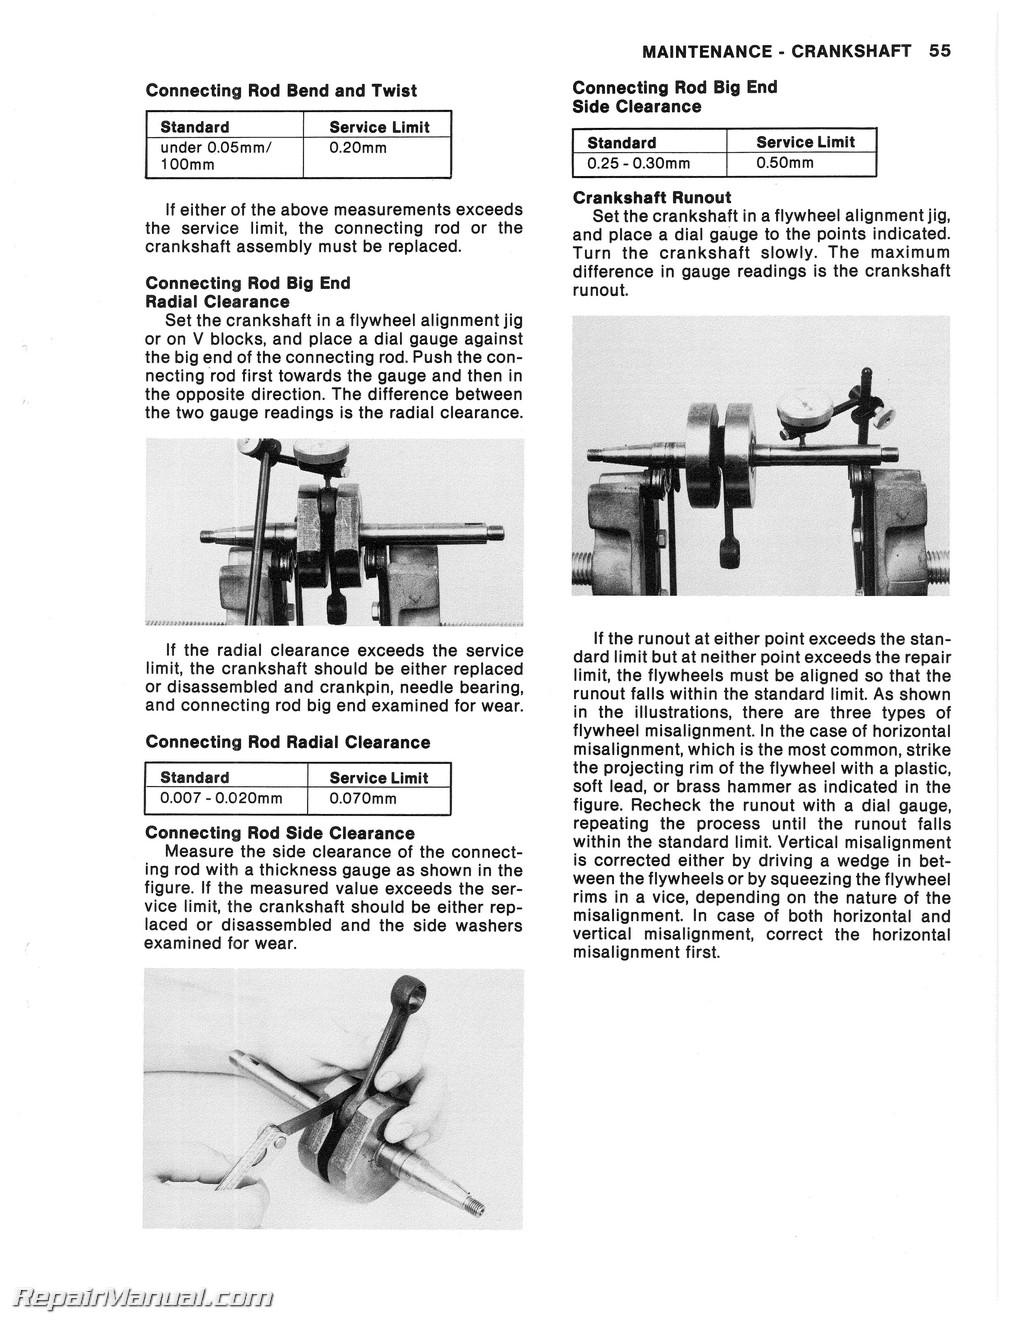 kawasaki mt1 wiring diagram 1971-1980 kawasaki mt1 kv75 motorcycle service manual ...